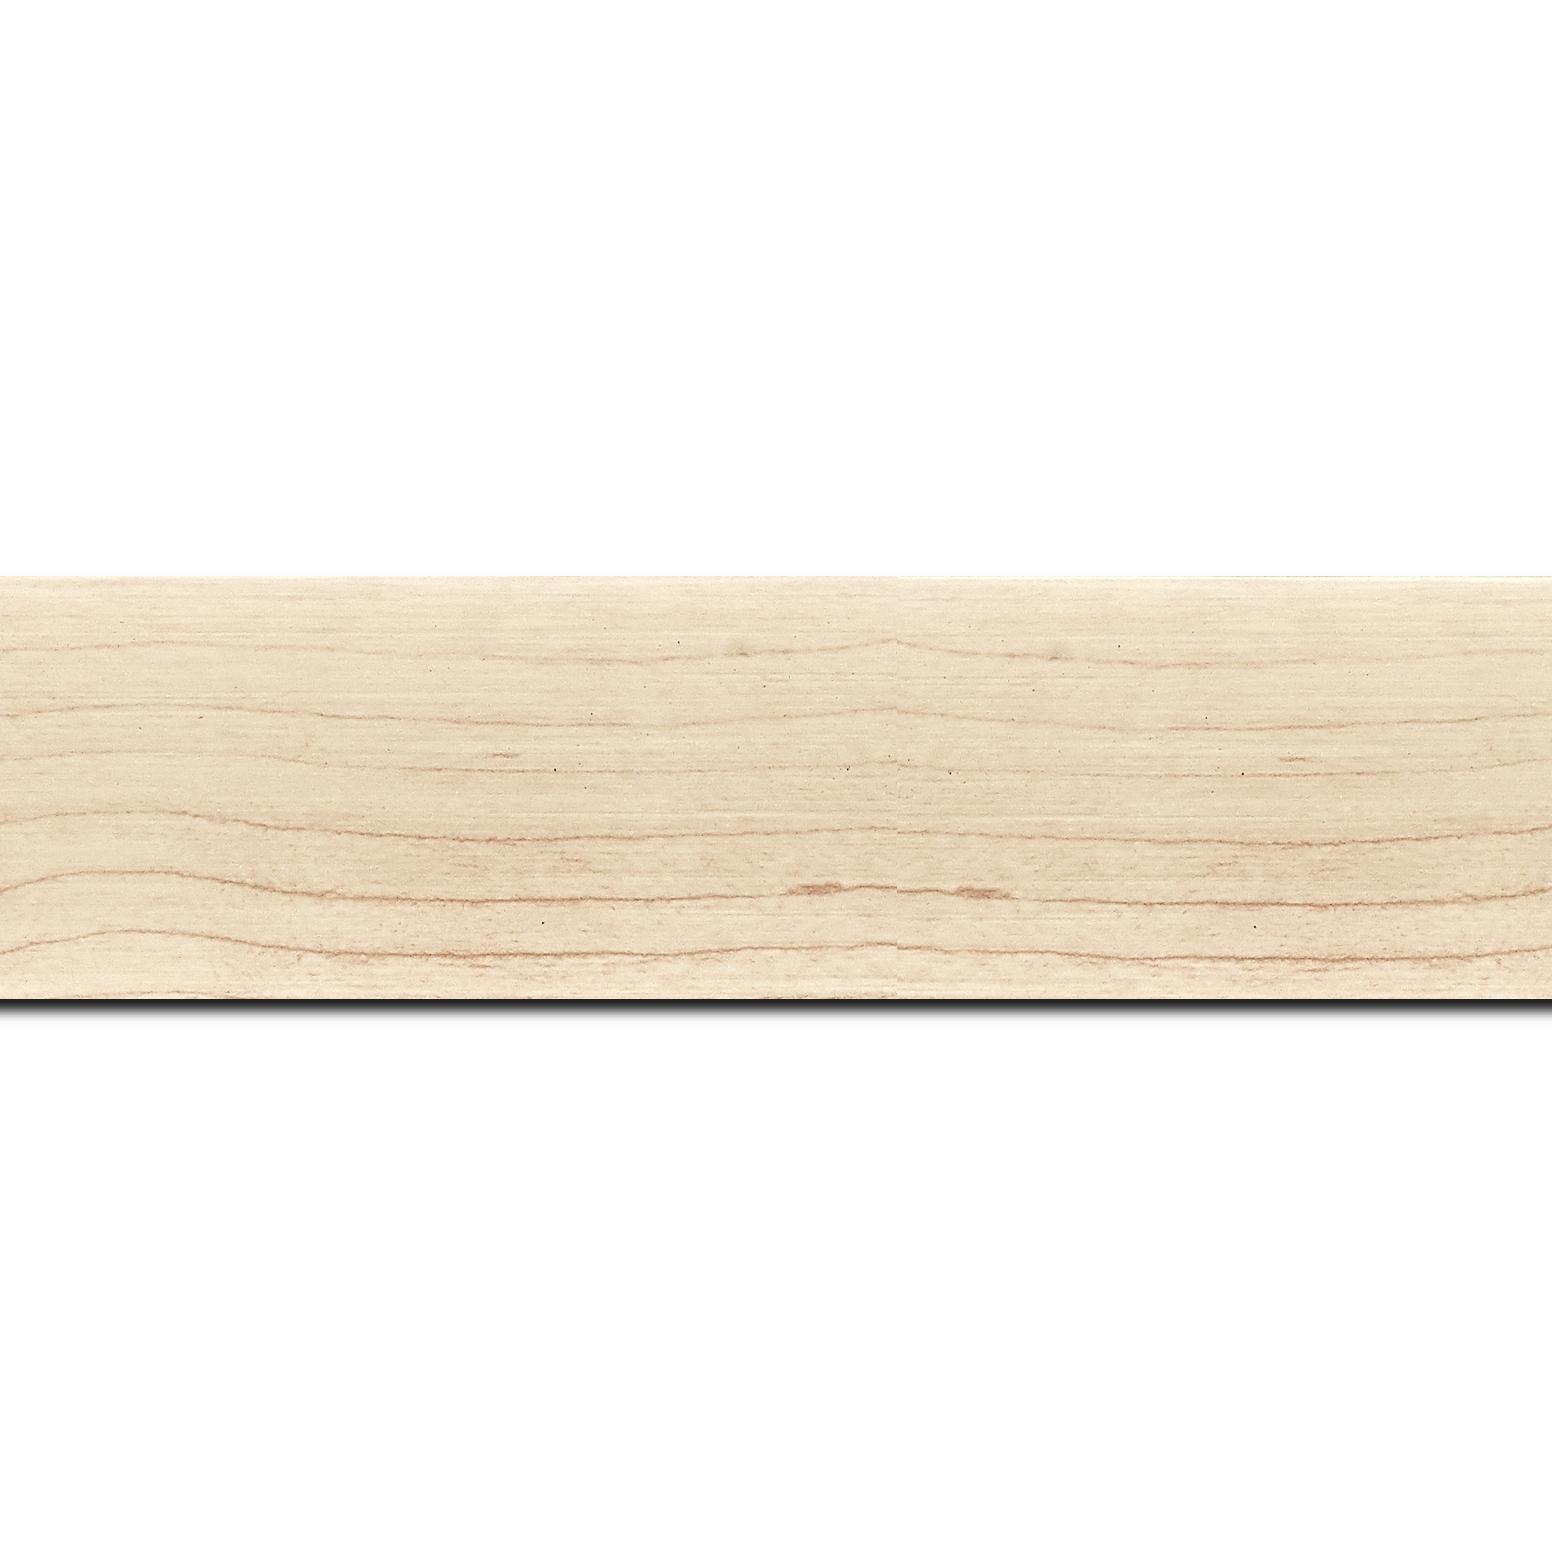 Baguette longueur 1.40m bois profil plat largeur 4.2cm décor bois blanc naturel